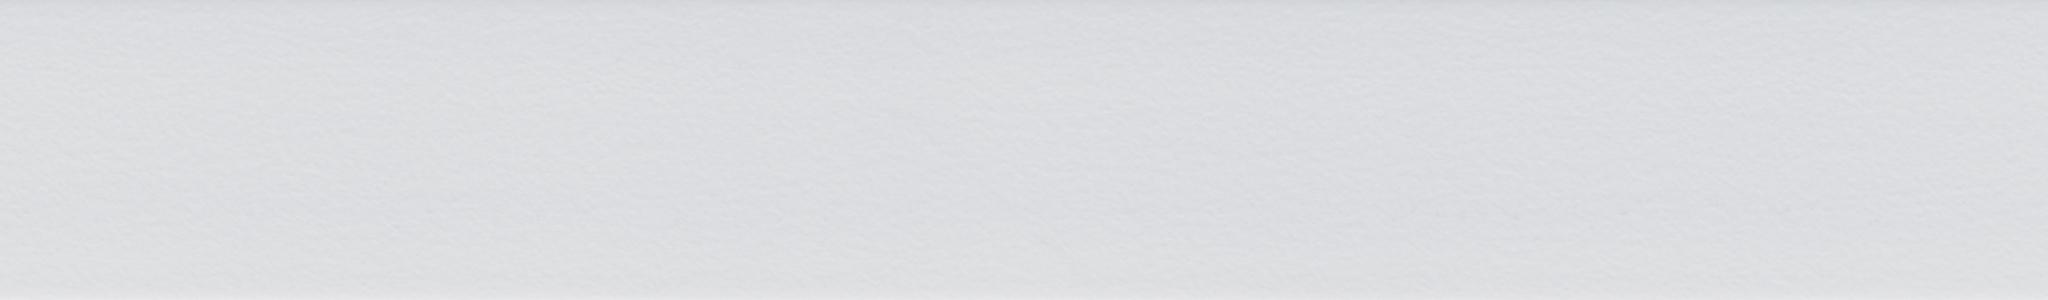 HU 157501 Bordo ABS Viola Perla Morbida 107